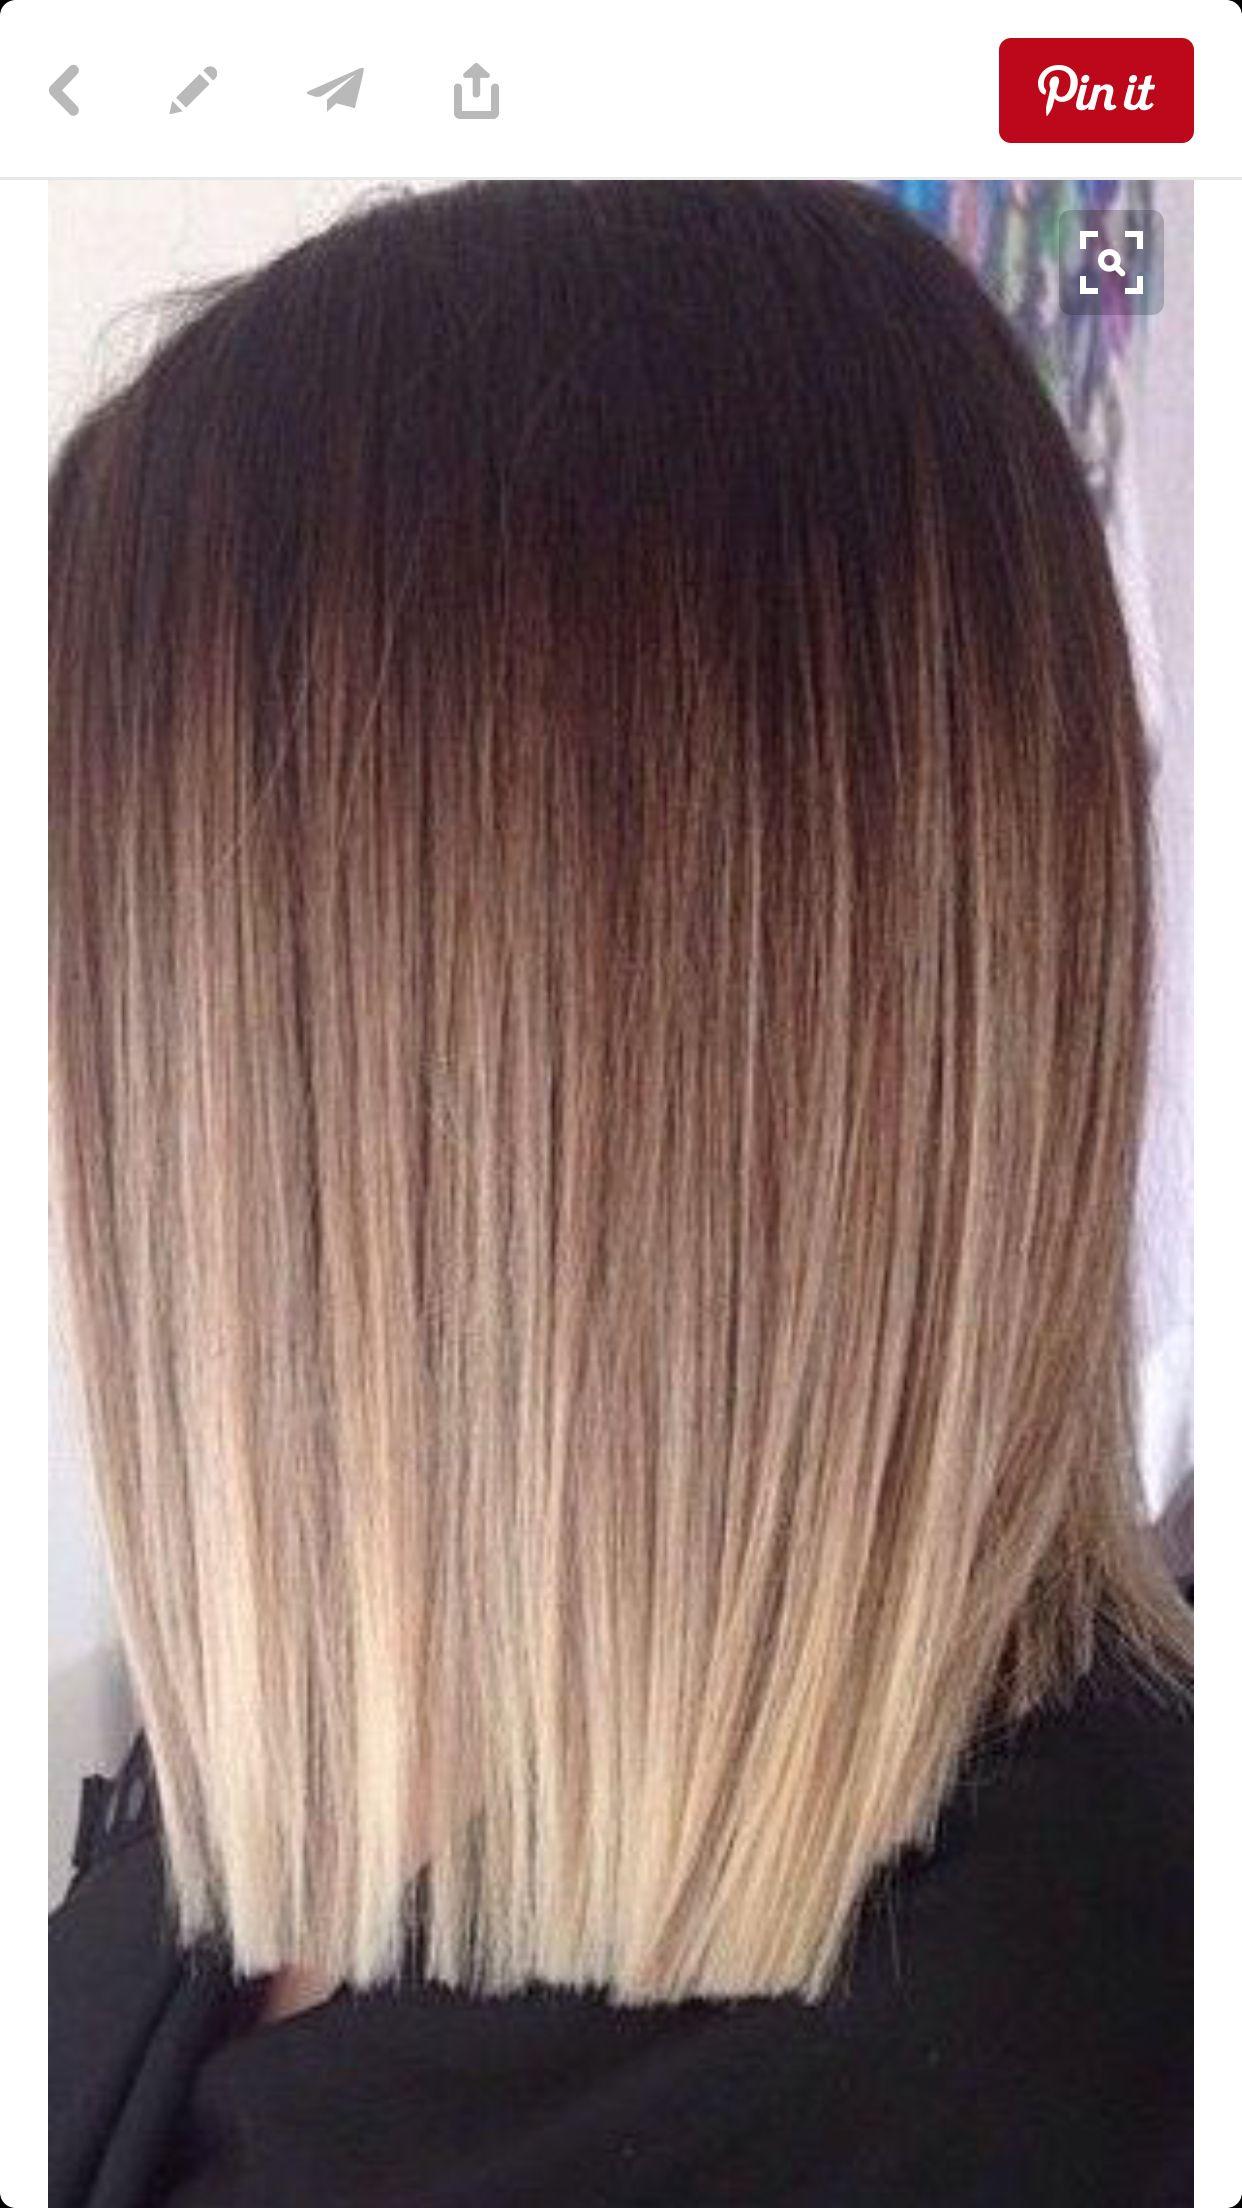 Proste Cięcie Ostre Końcówki Pomysł Na Piękne Włosy W